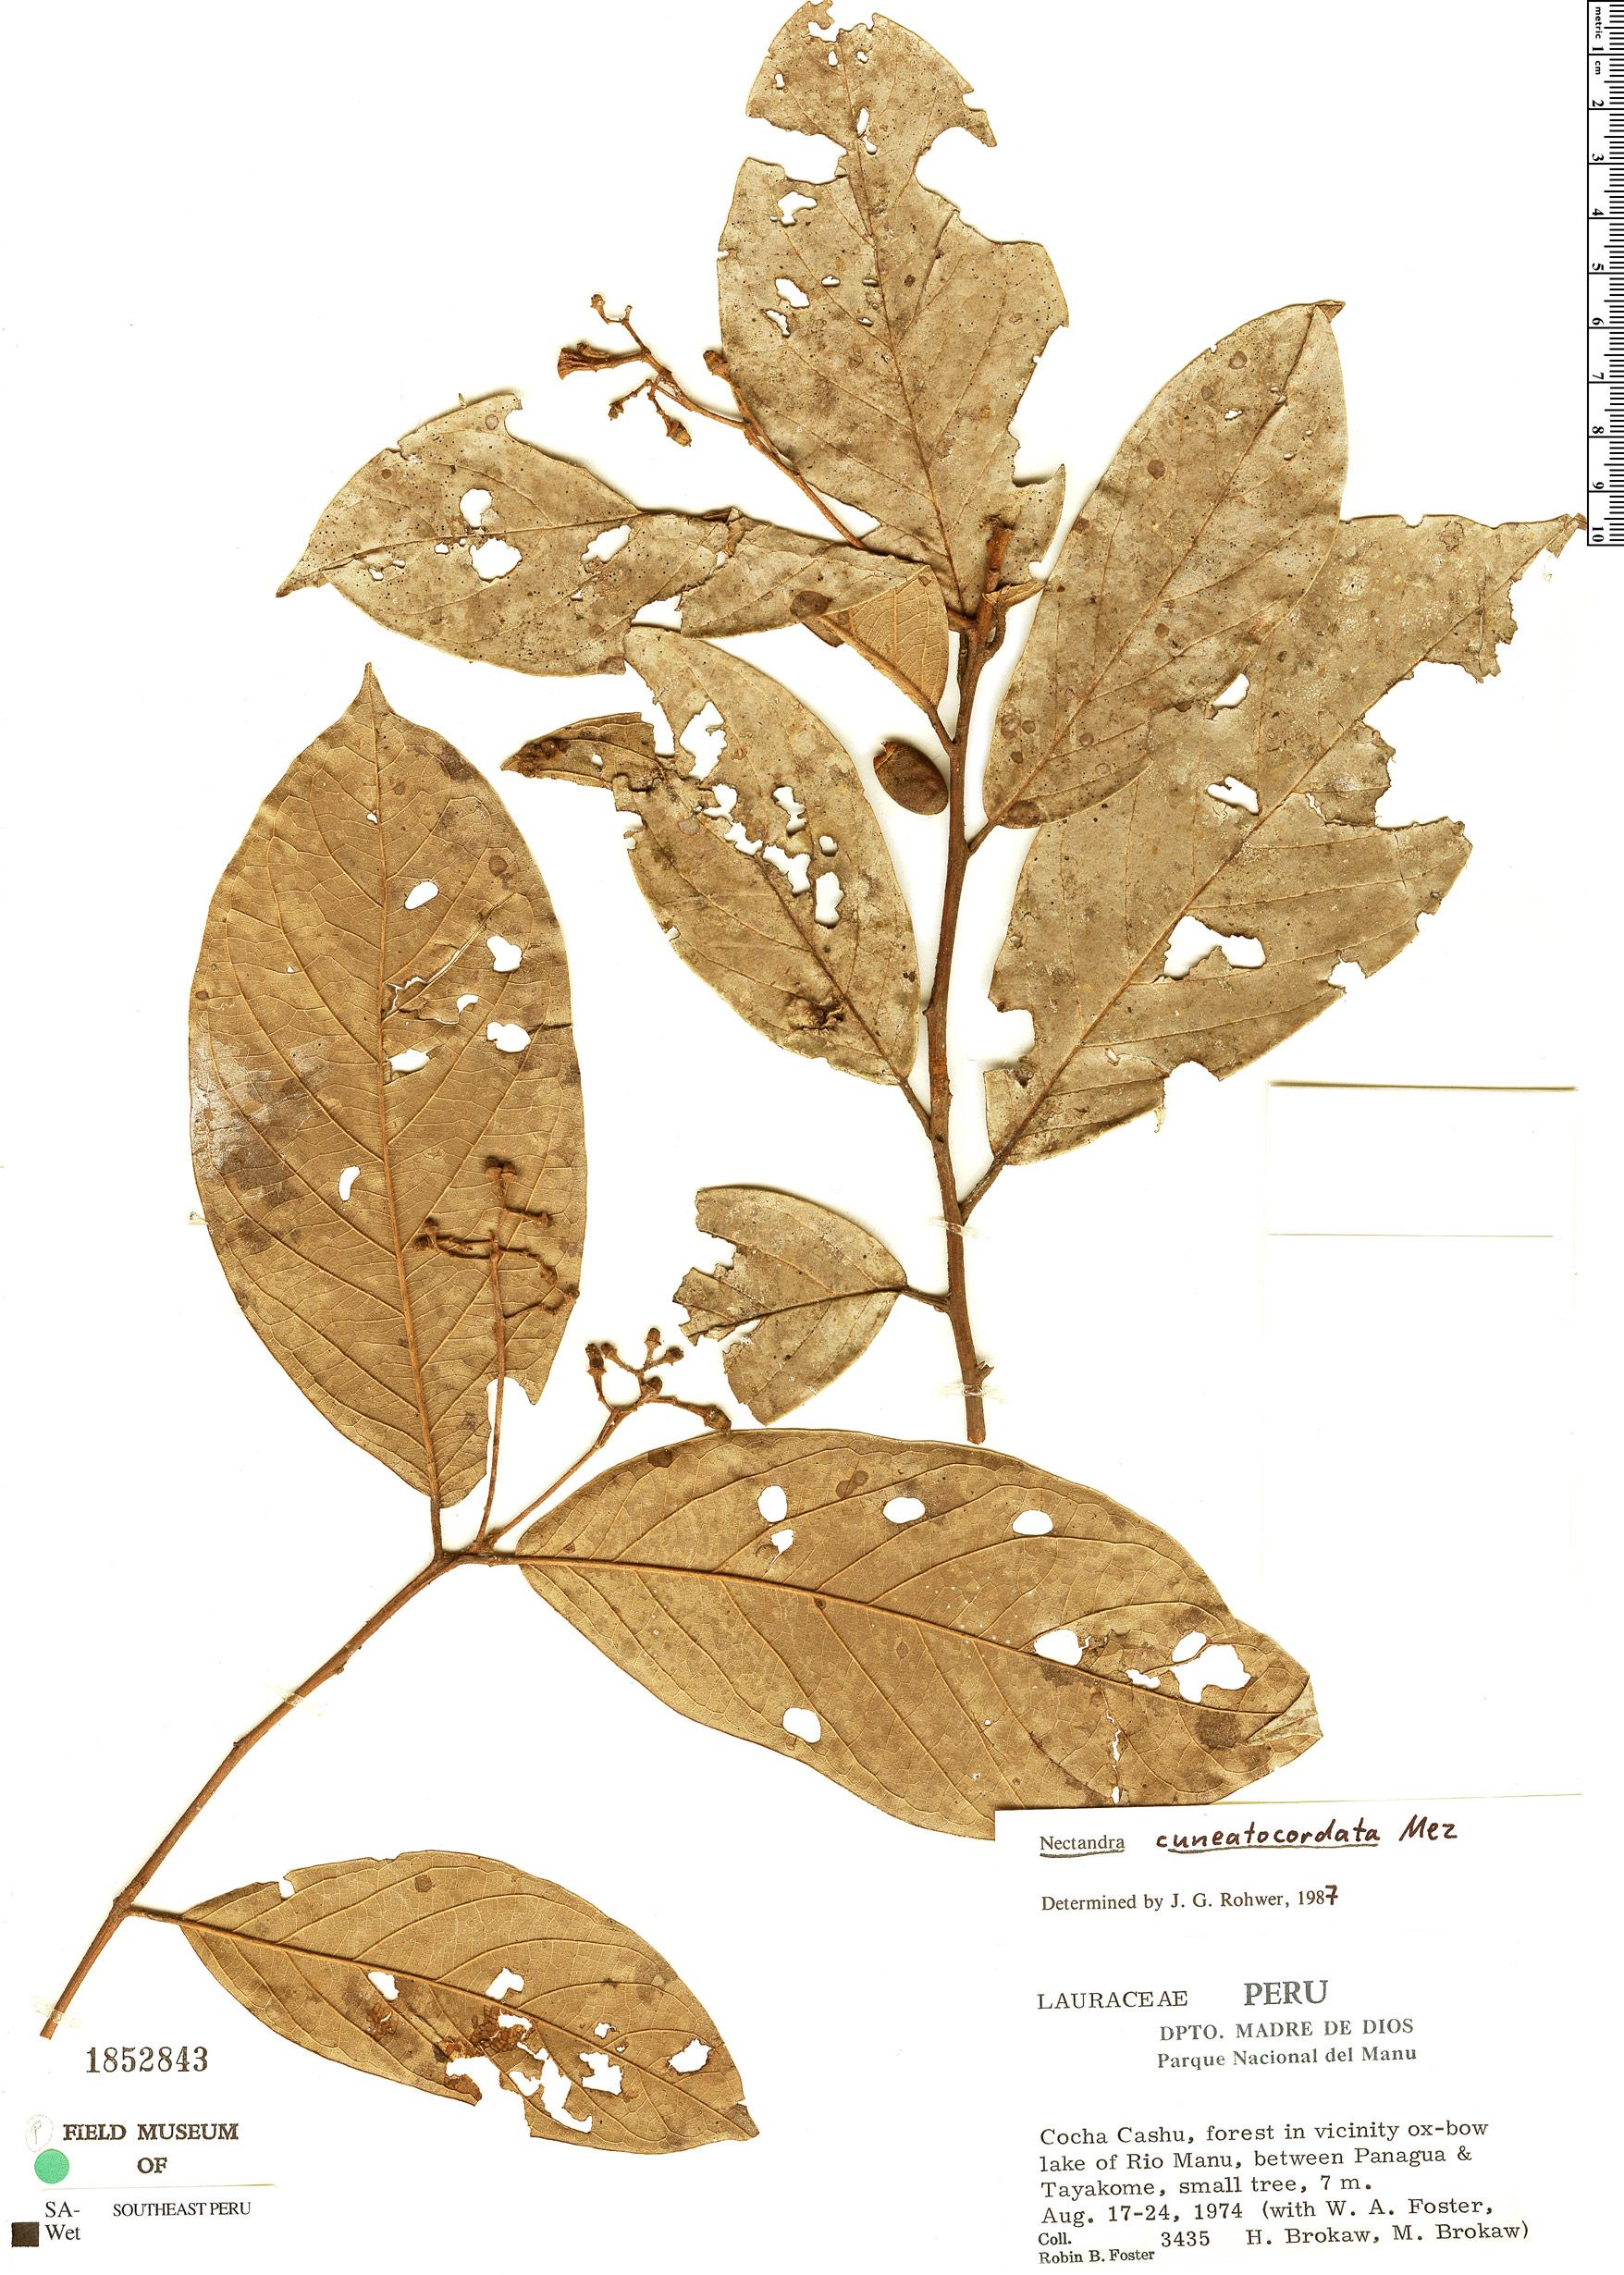 Specimen: Nectandra cuneatocordata